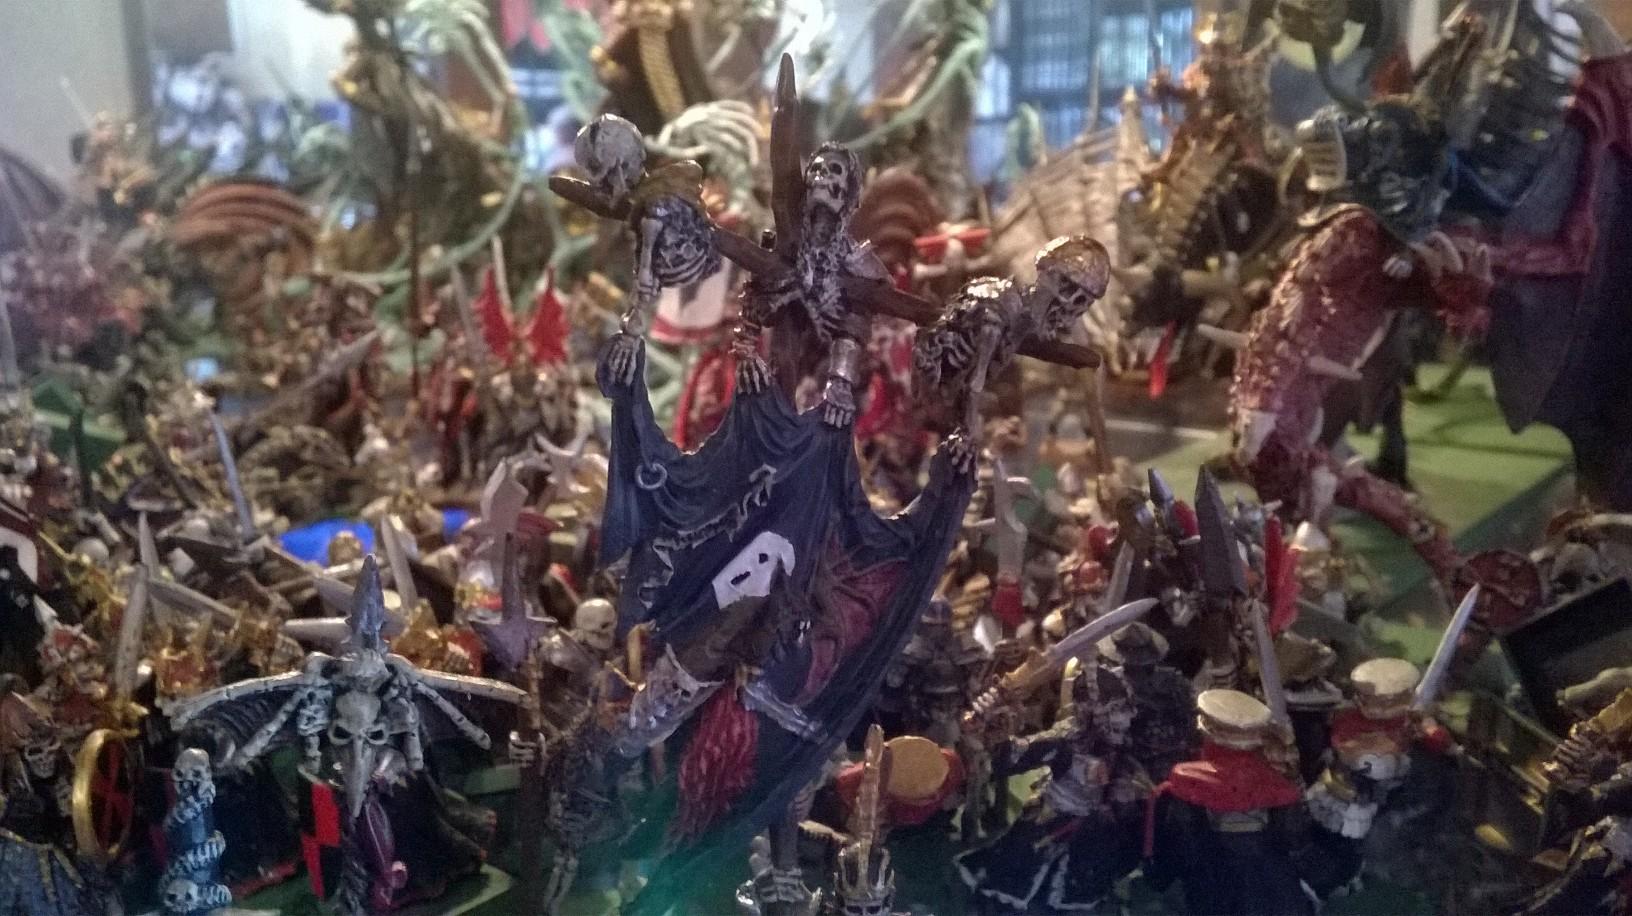 Les Armées de Nico. (Battle & 40K) 393025WP20151028008